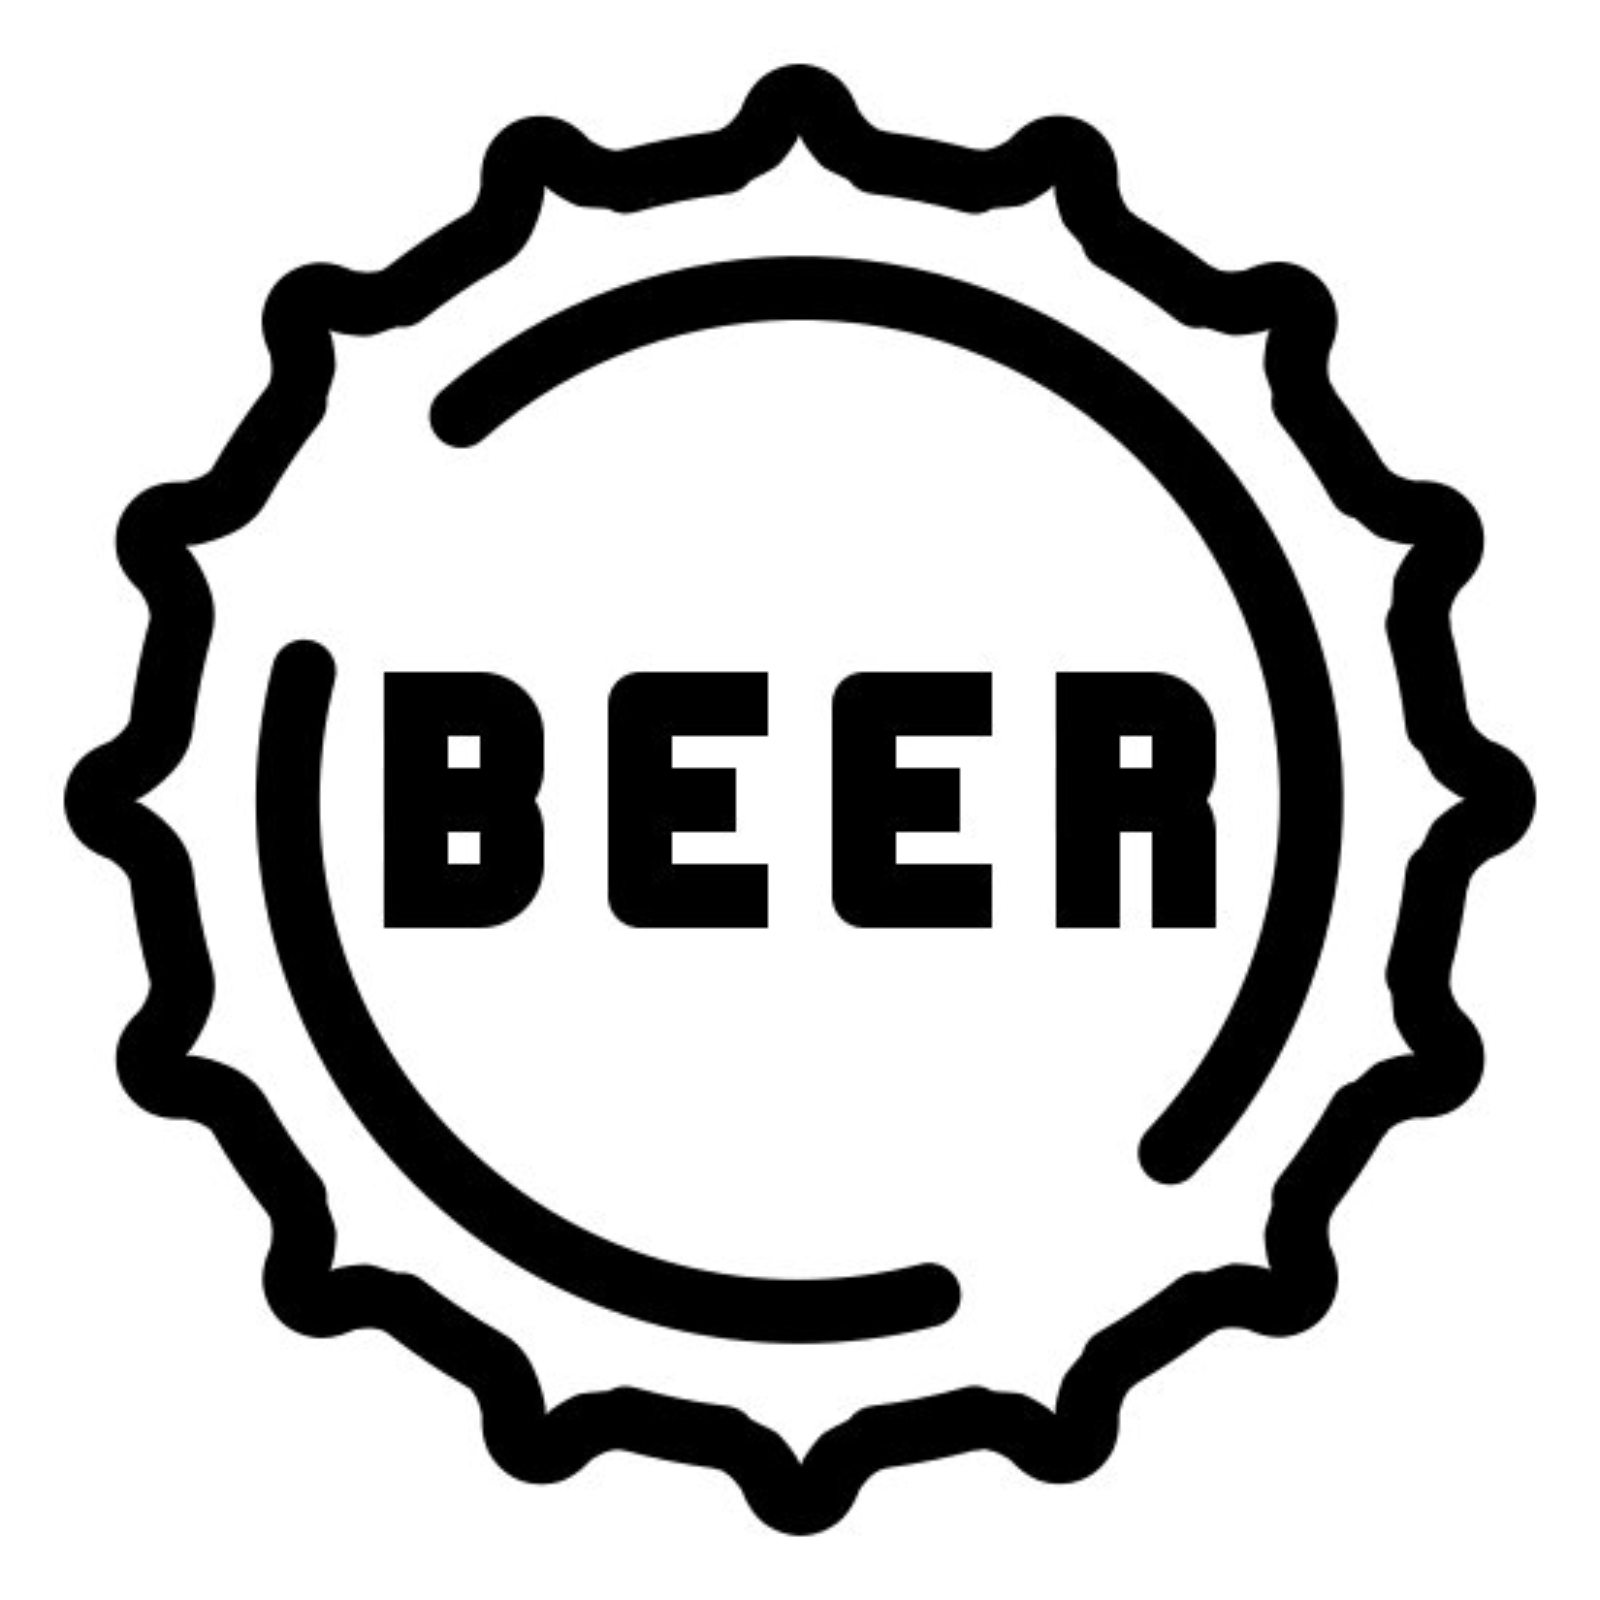 Kronkorken Bierflasche Icon